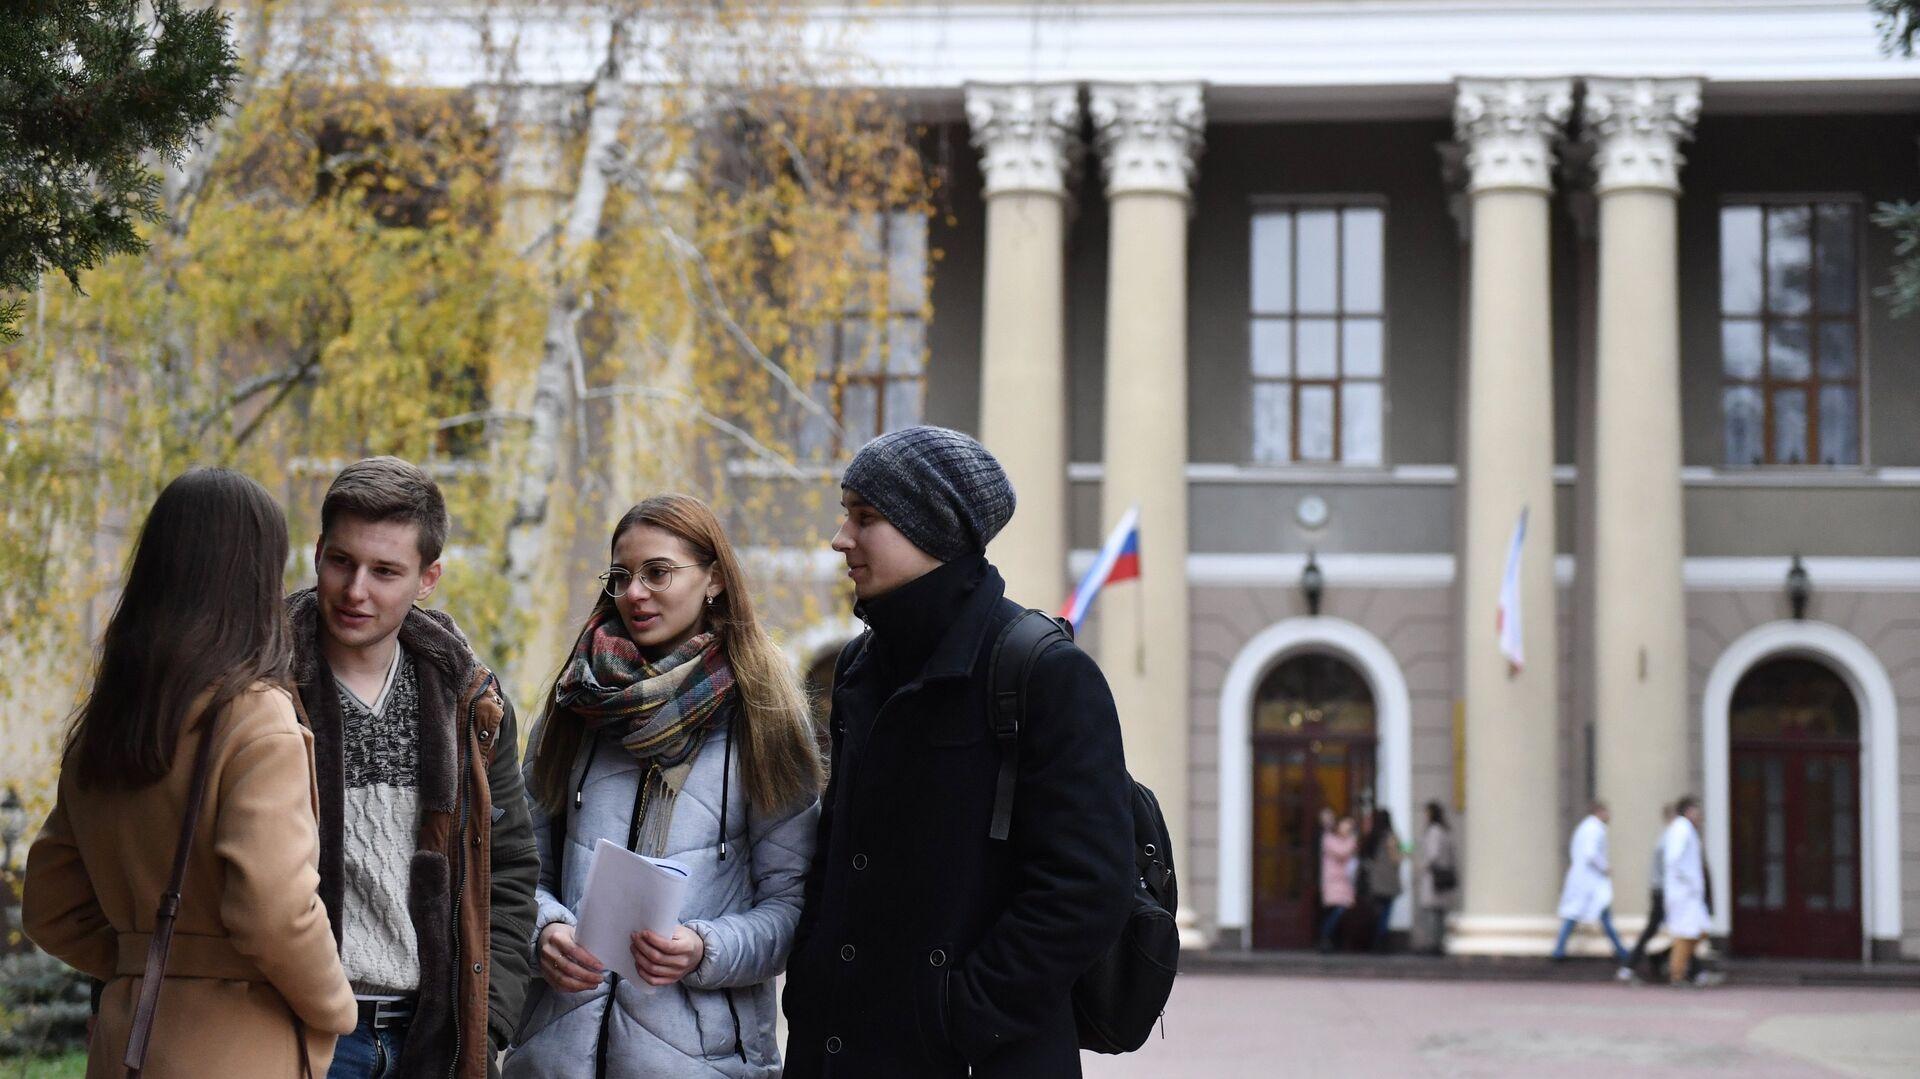 Студенты - РИА Новости, 1920, 04.08.2021